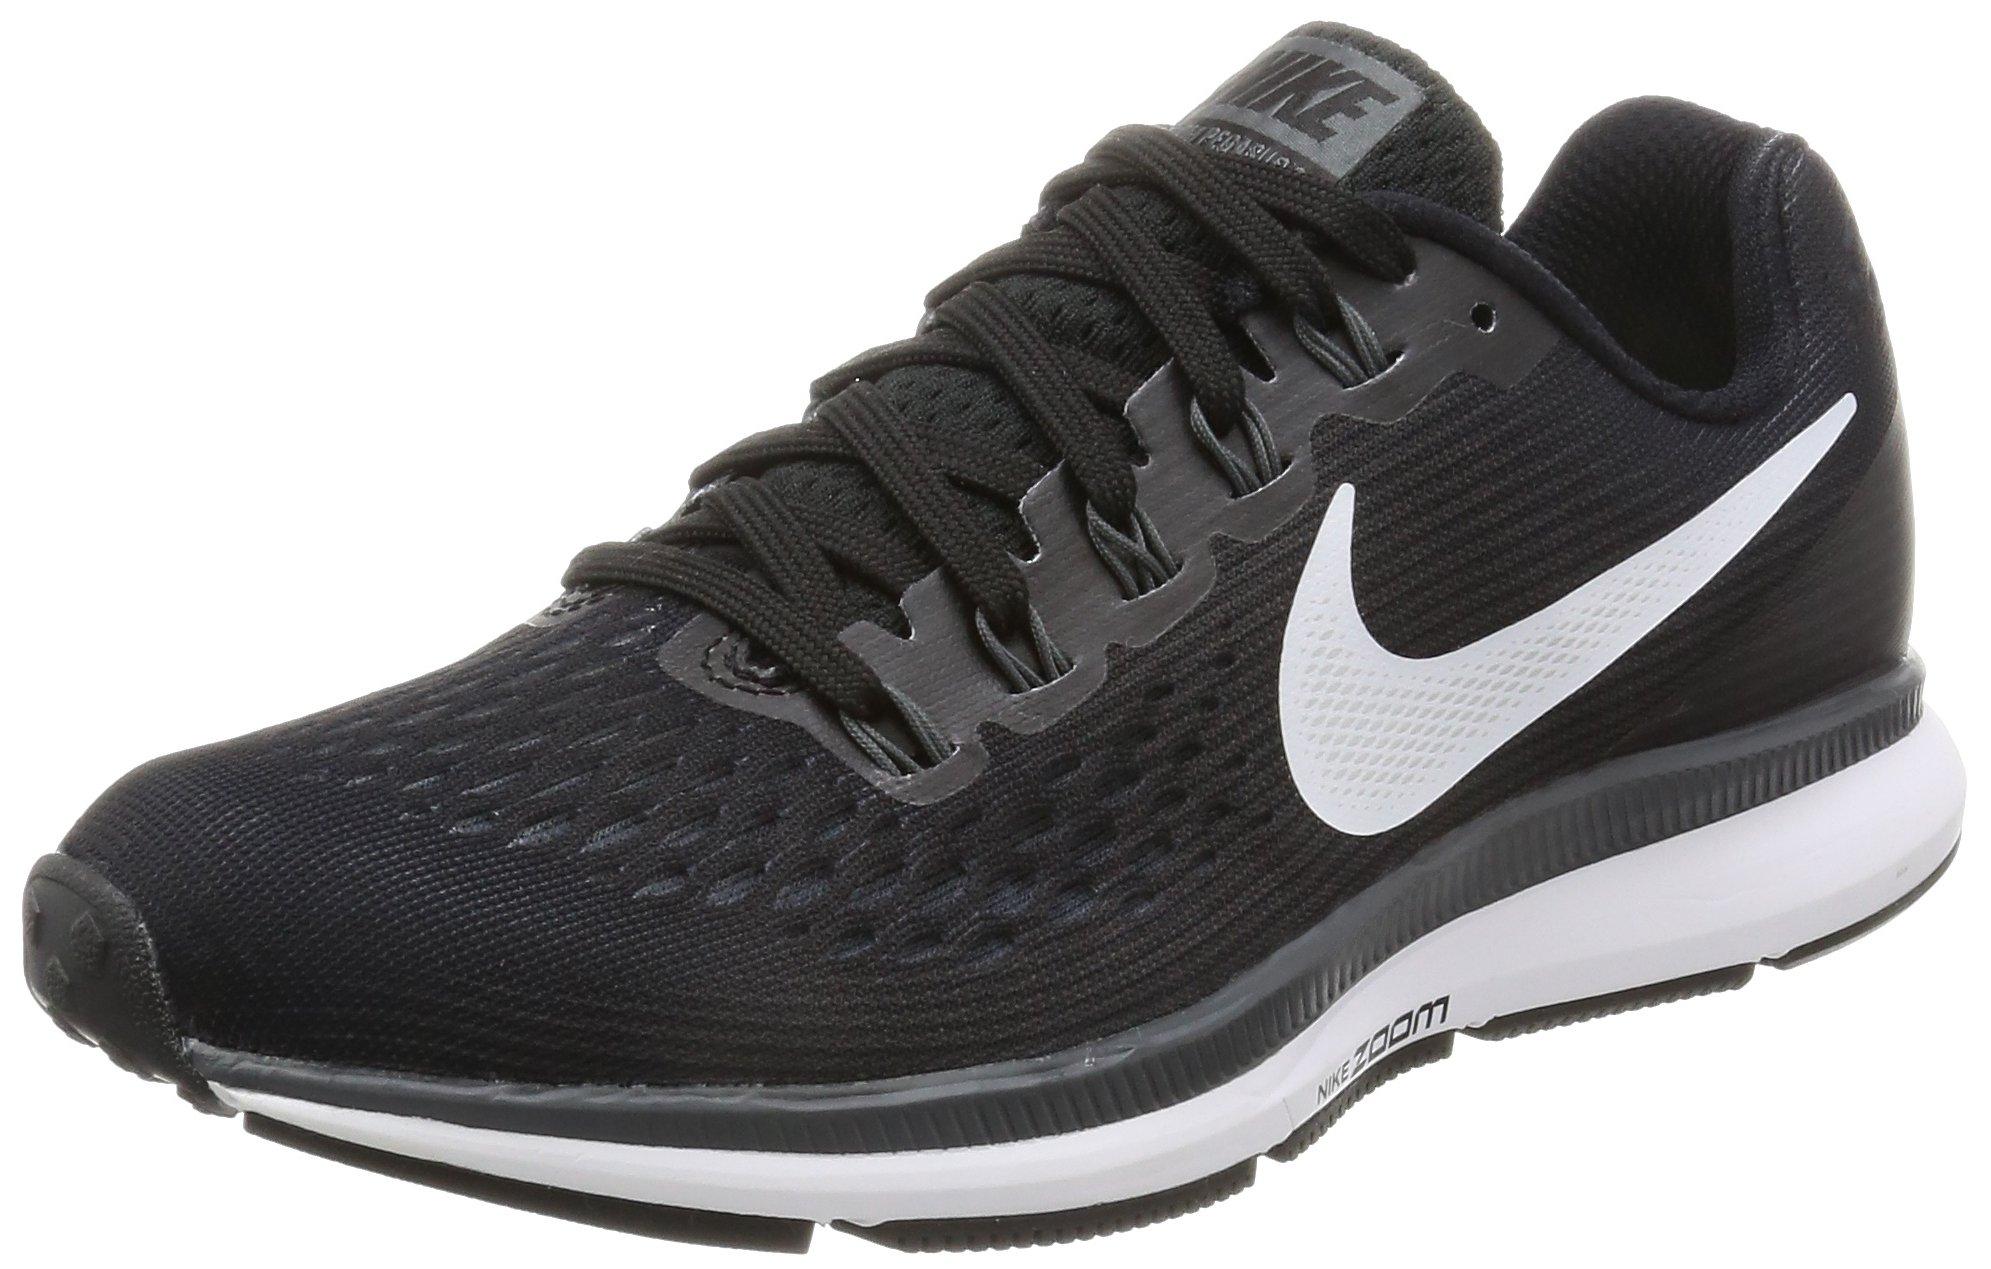 Nike Women's Air Zoom Pegasus 34 Running Shoe BLACK/WHITE-DARK GREY-ANTHRACITE 8 by Nike